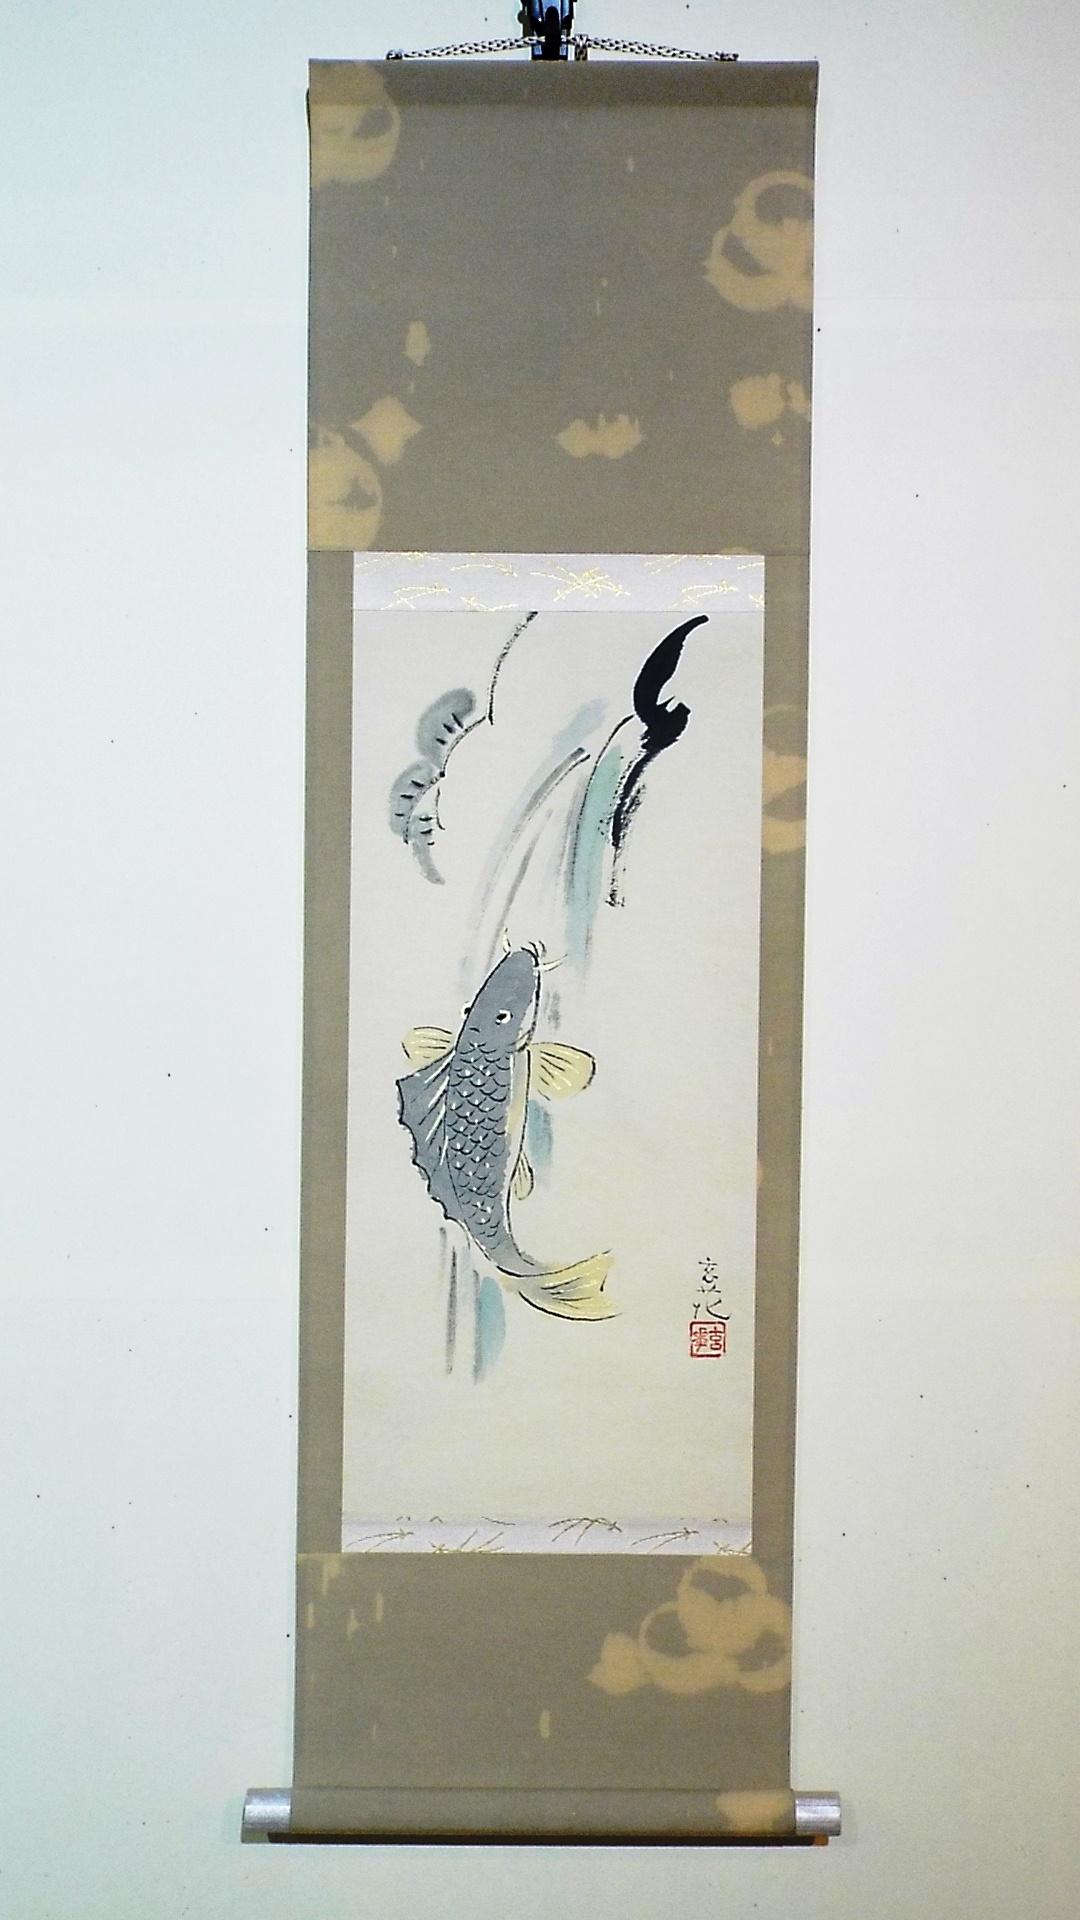 手軽に飾れるミニ掛軸 【こいの滝のぼり】